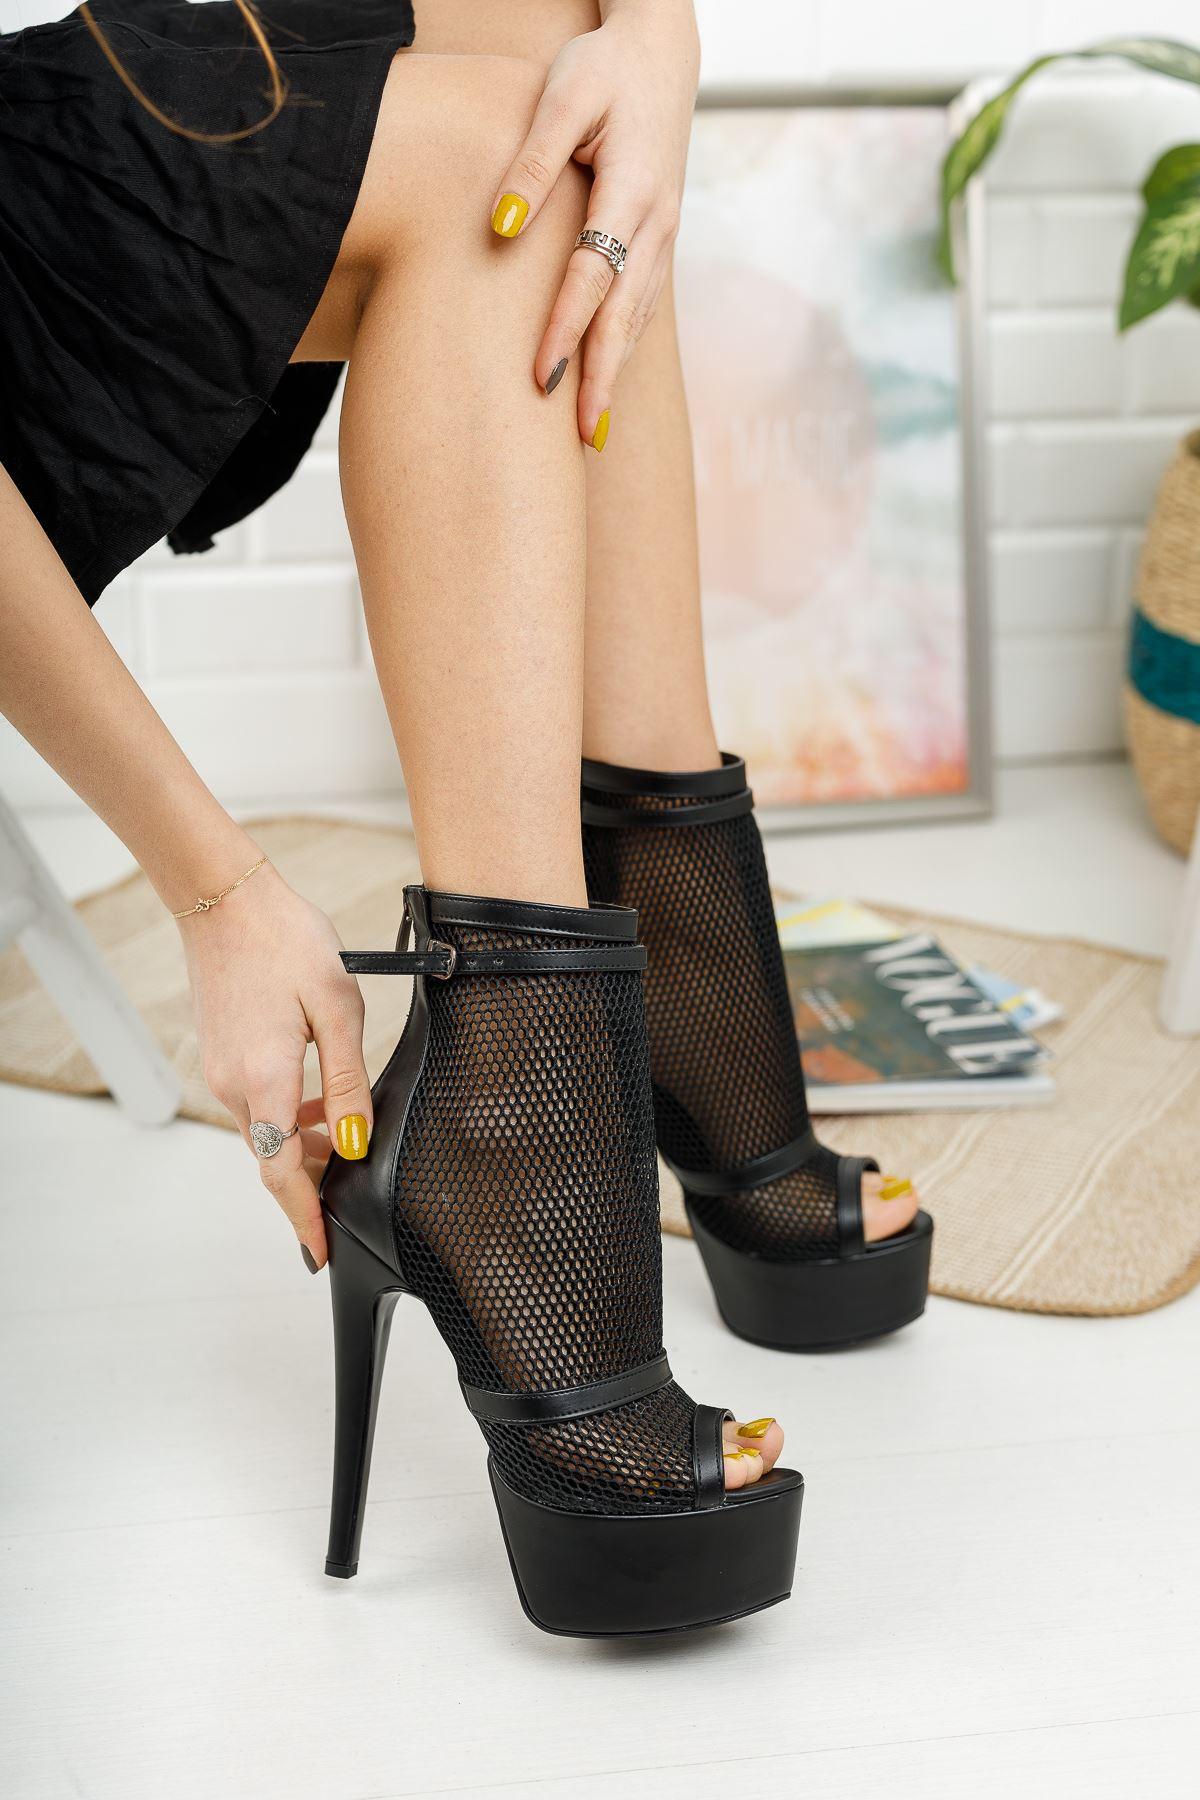 Reanda Siyah Cilt Fileli Çift Baretli Yüksek Topuklu Ayakkabı